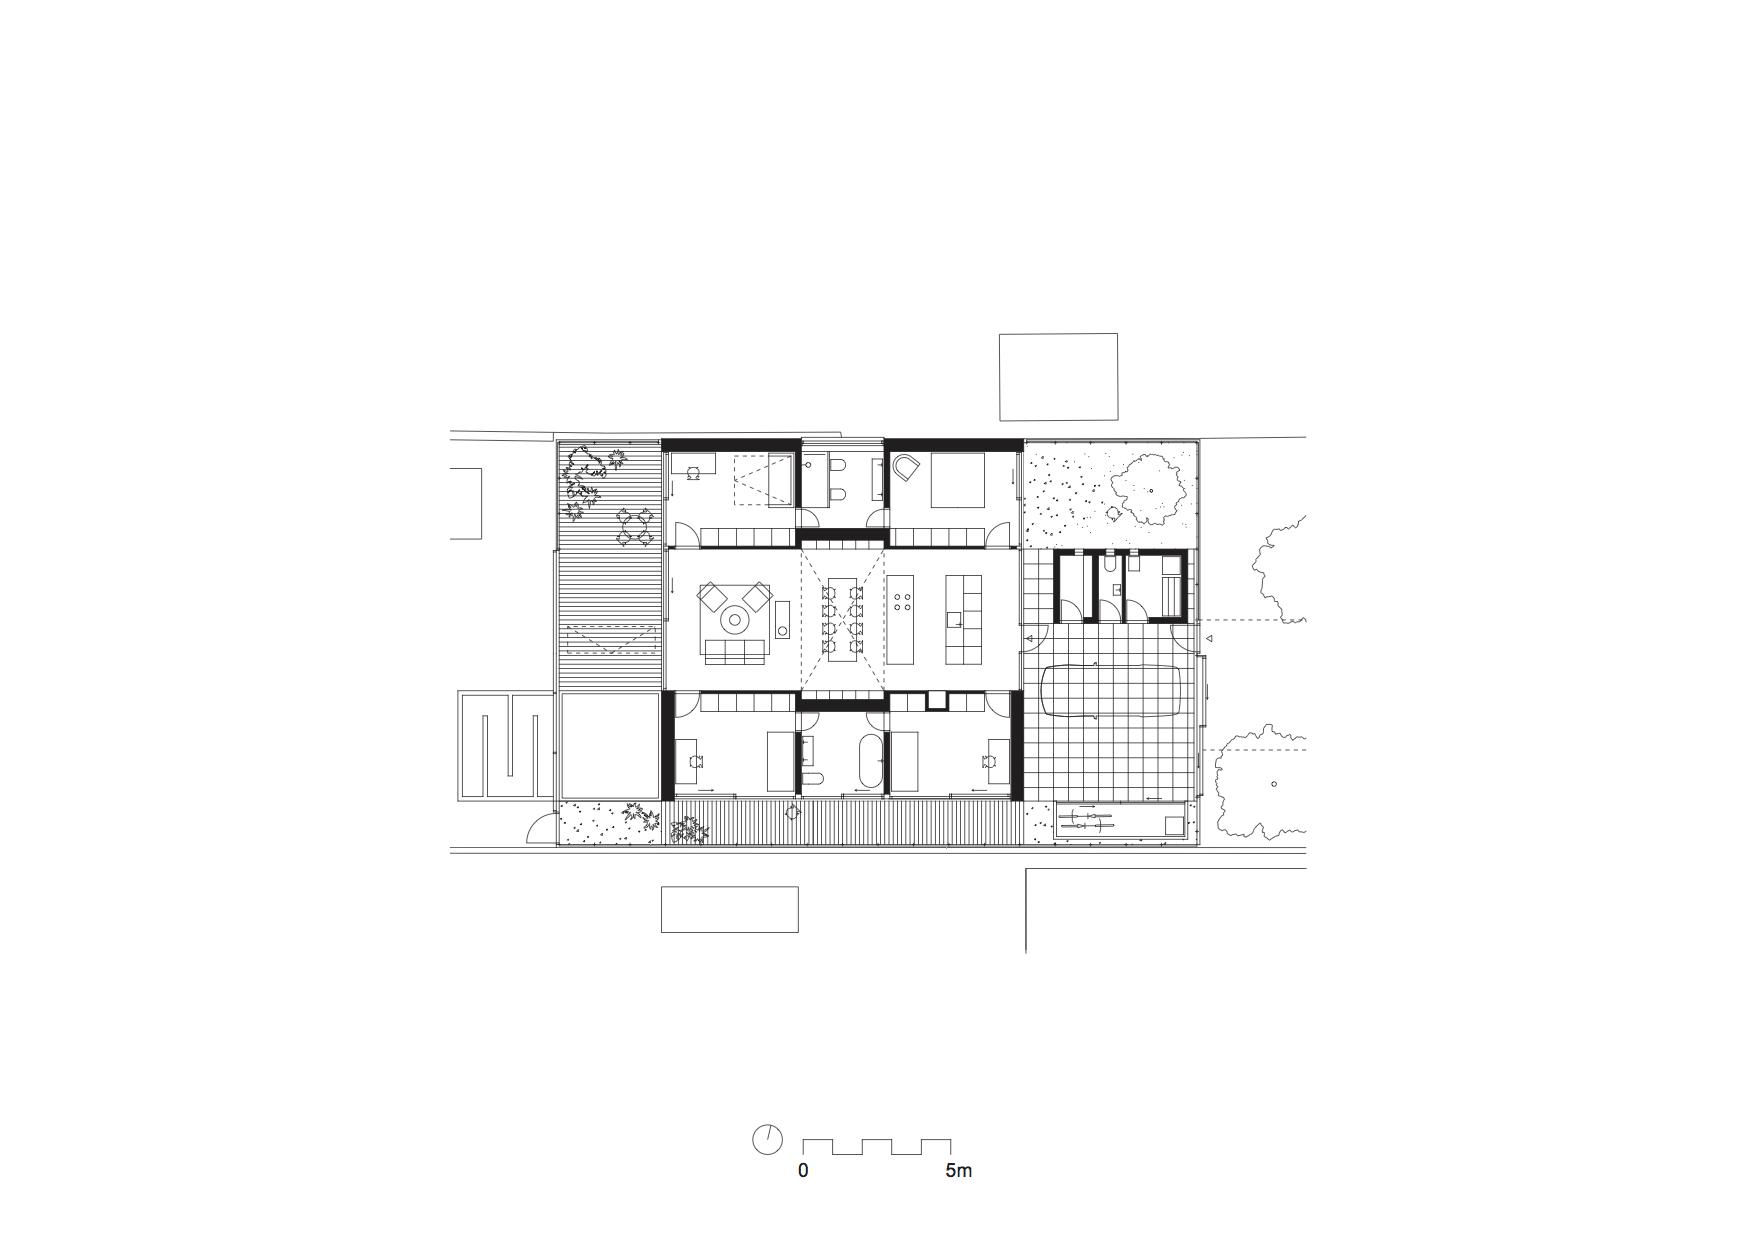 archaic_Plural_House_12.jpg